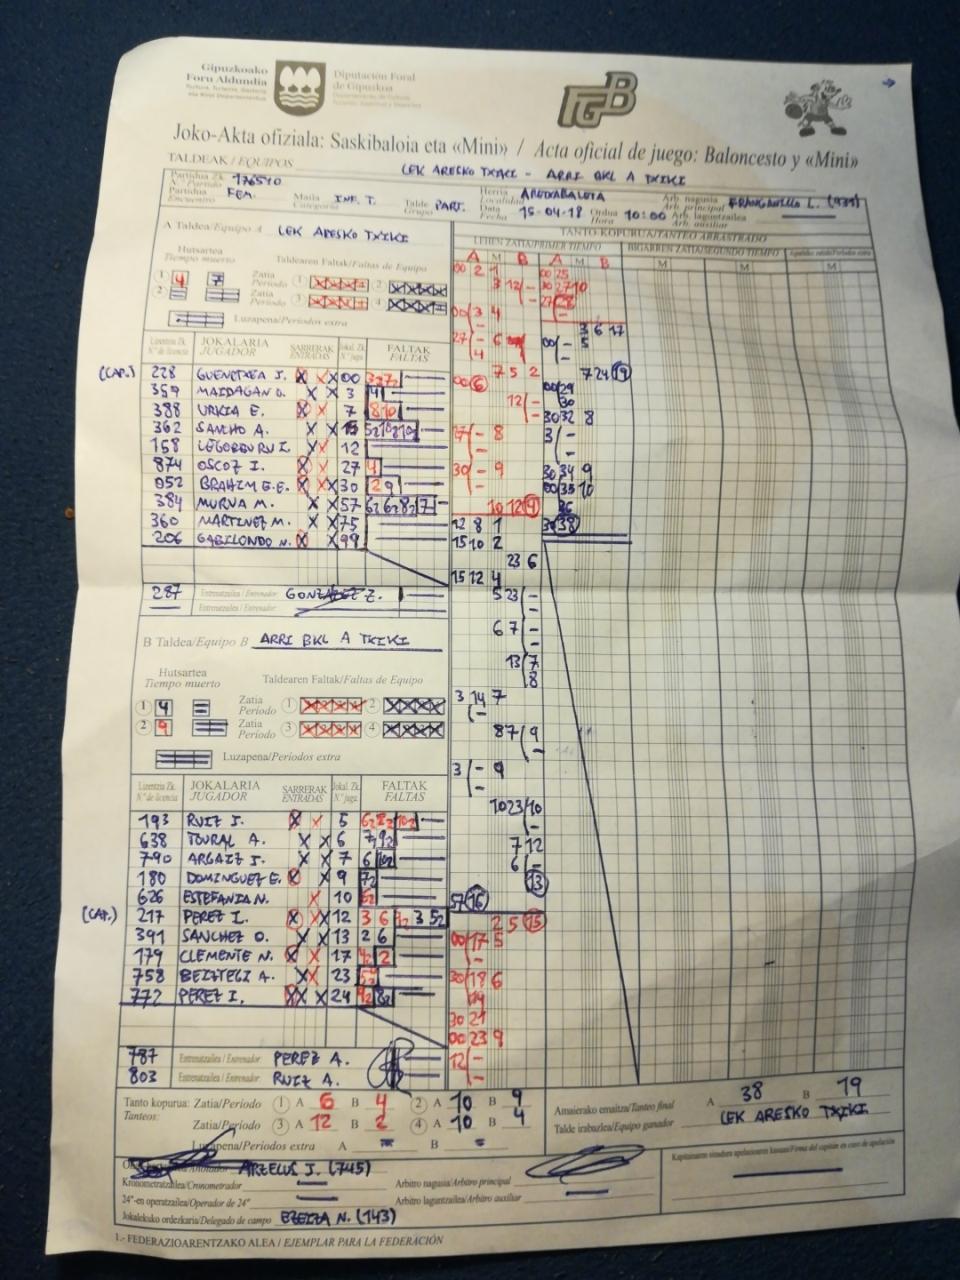 Calendario - Federación Guipuzcoana de Baloncesto